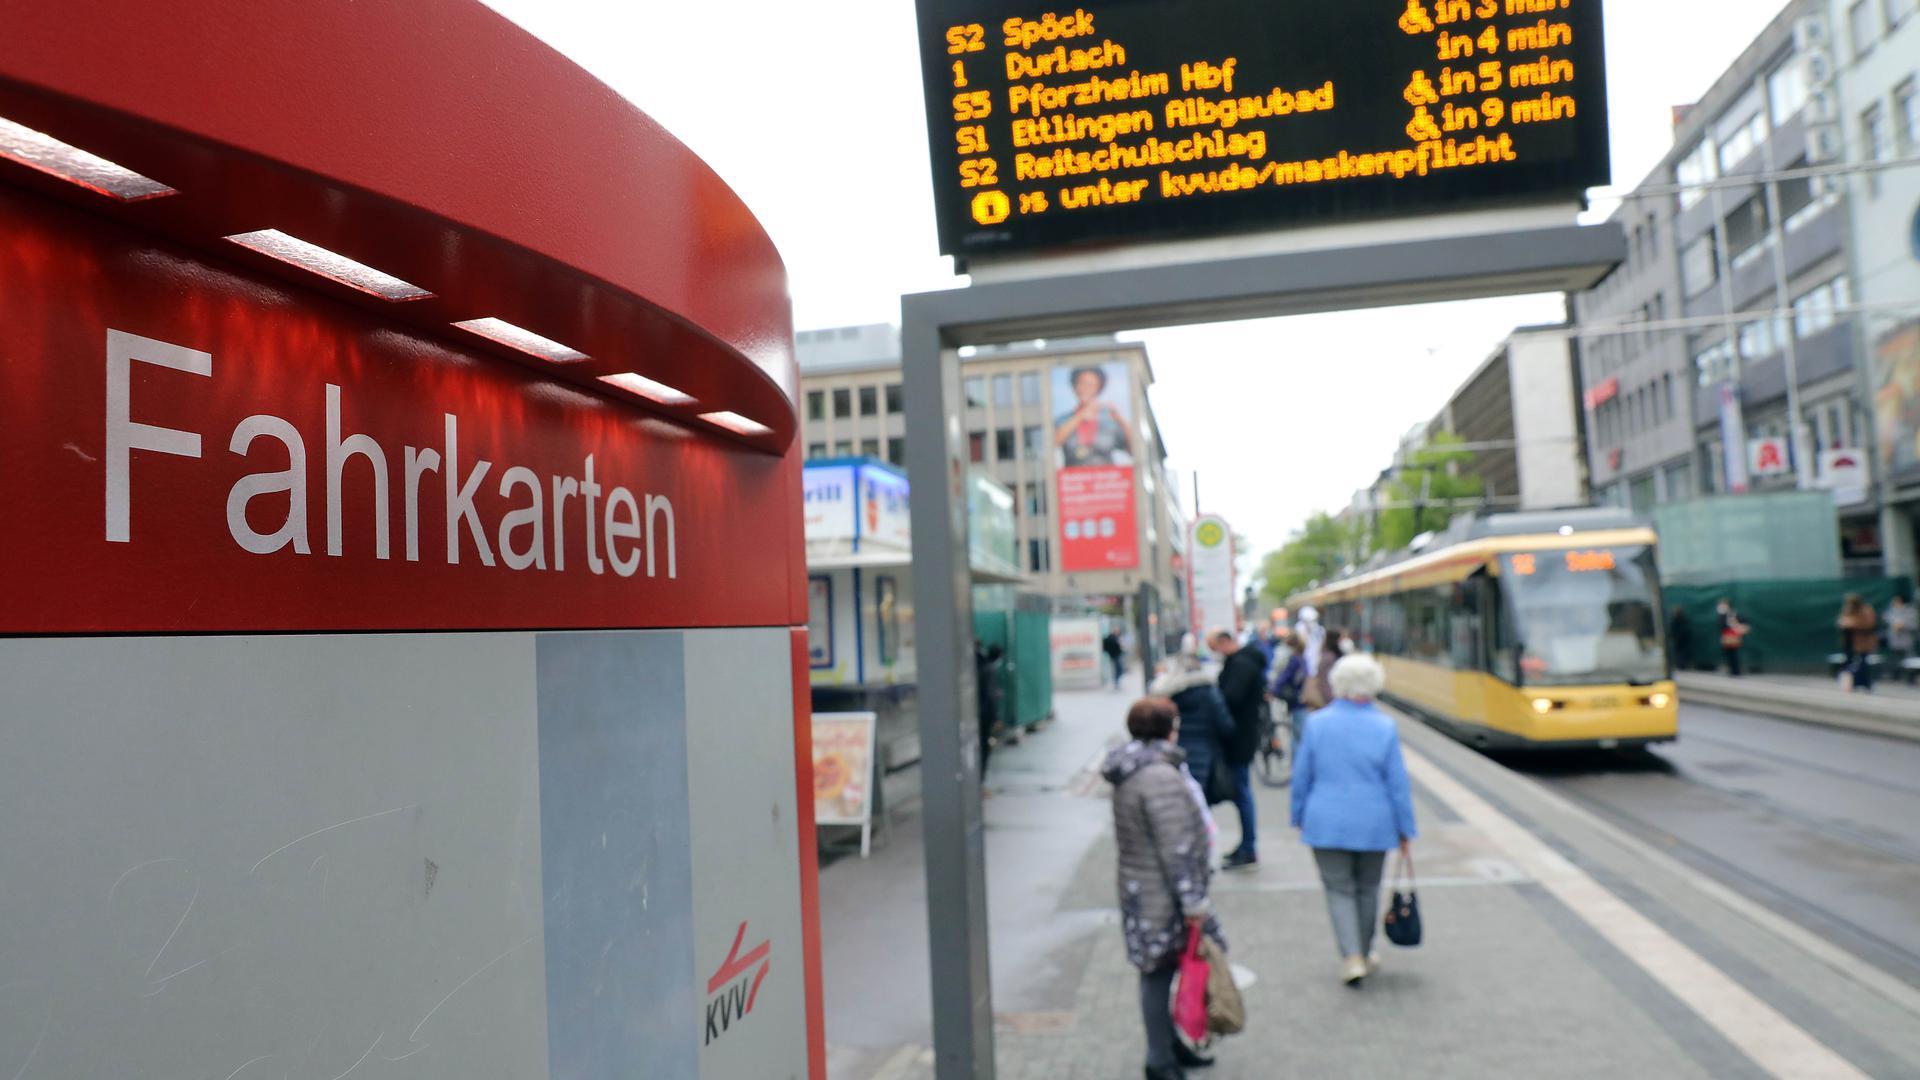 Wird mal wieder teurer: Der Karlsruher Verkehrsverbund will im Sommer seine Tarife um bis zu fast vier Prozent erhöhen. Eine Anhebung, die deutlich über der aktuellen Inflationsrate liegt.